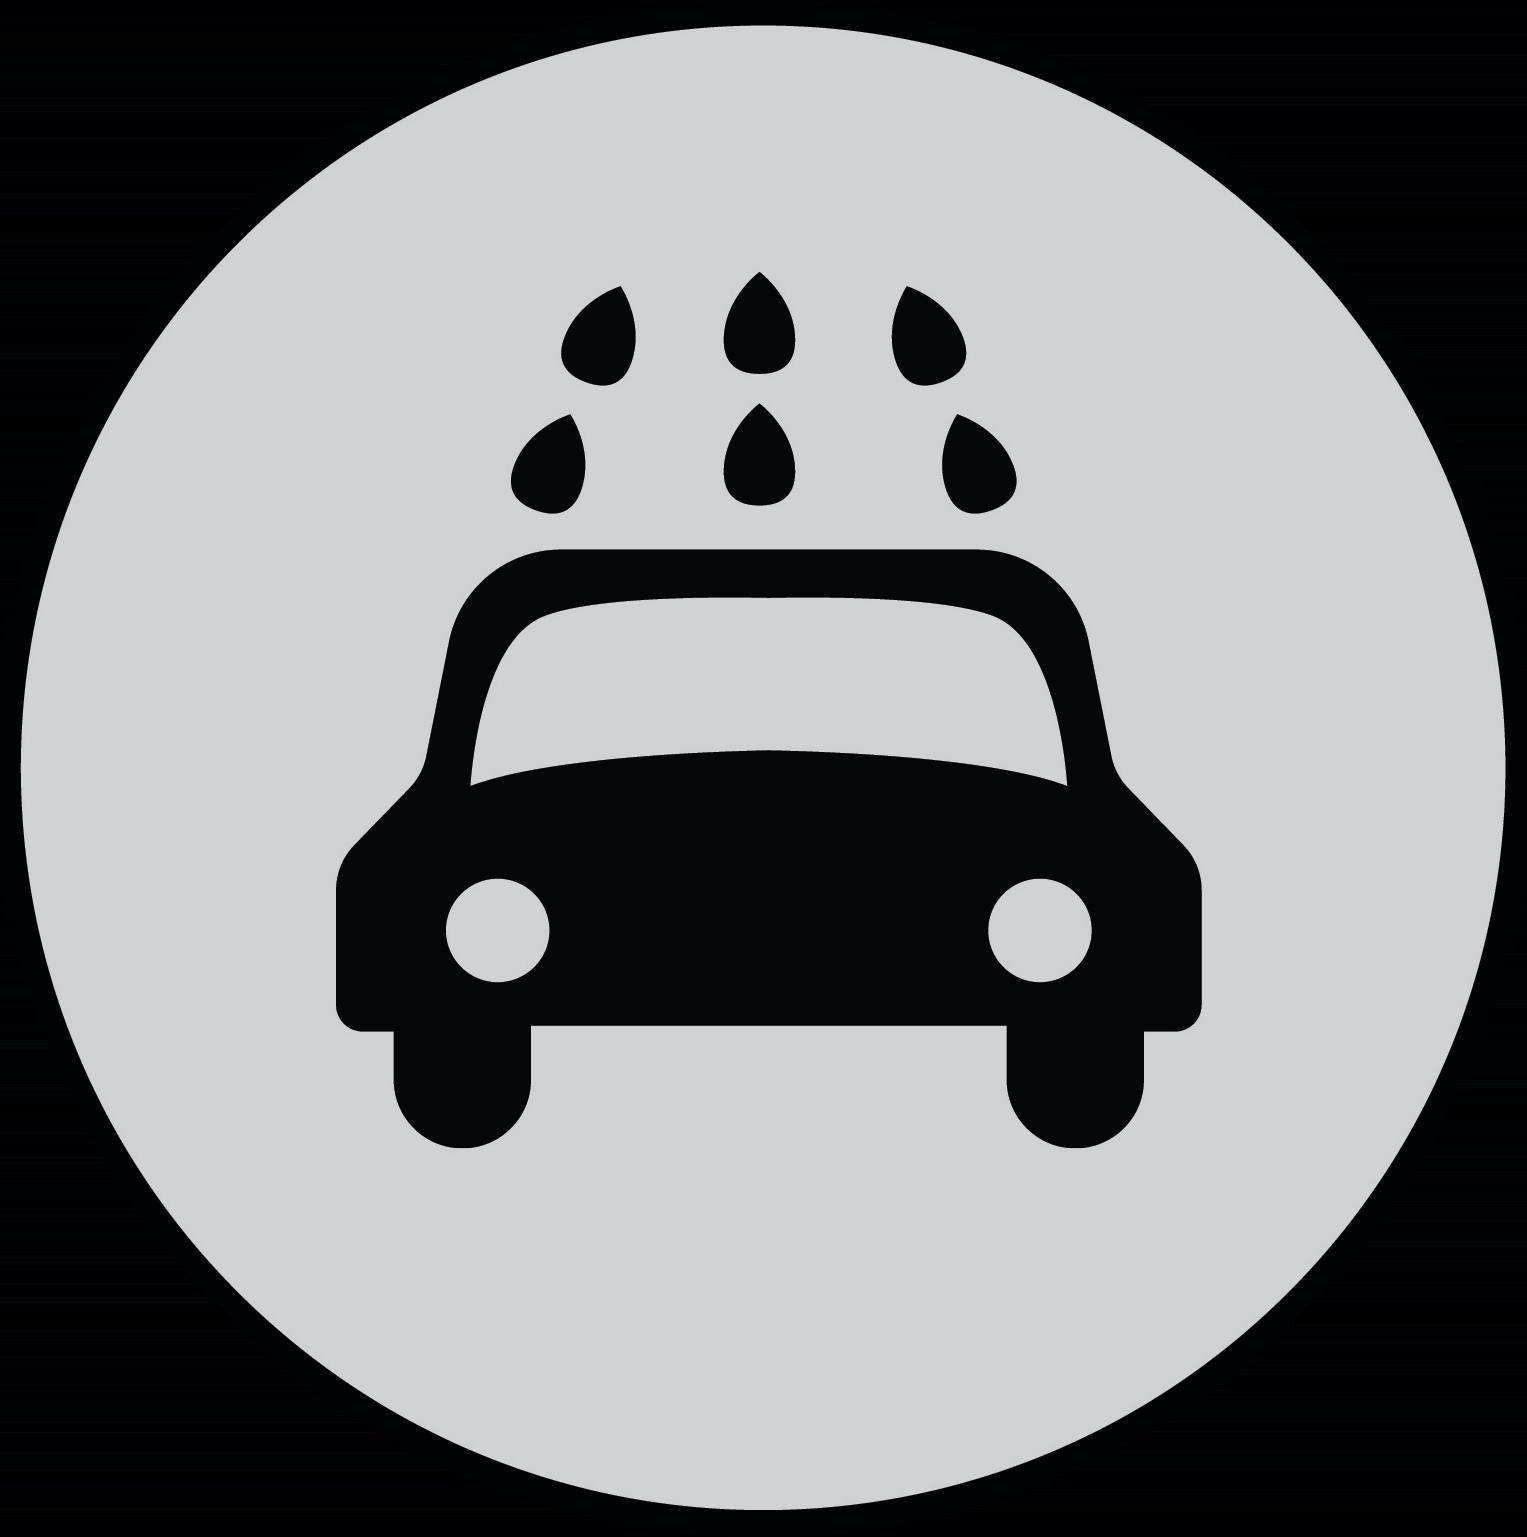 Car Wash Circle Graphic